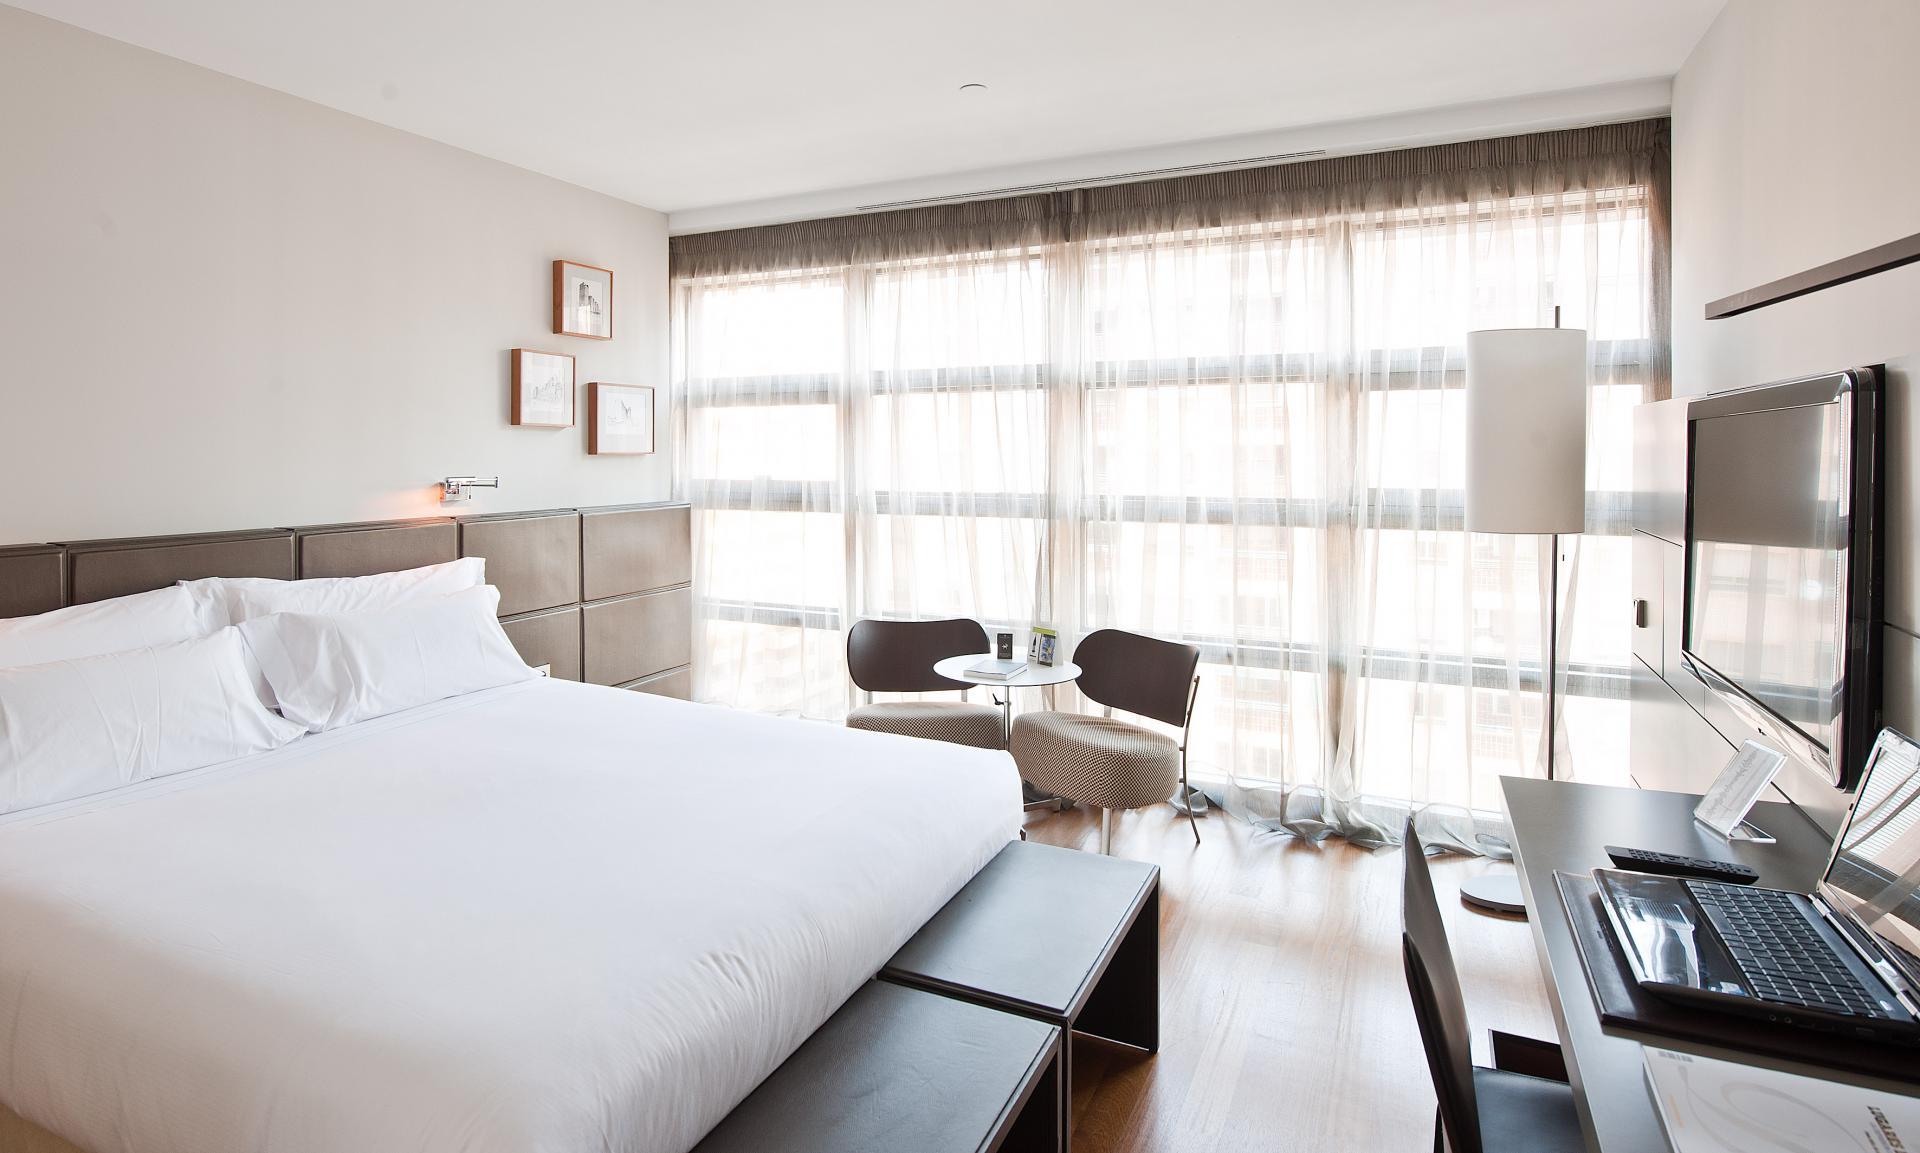 Habitaciones hotel reina petronila palafox hoteles Detalles en habitaciones de hotel